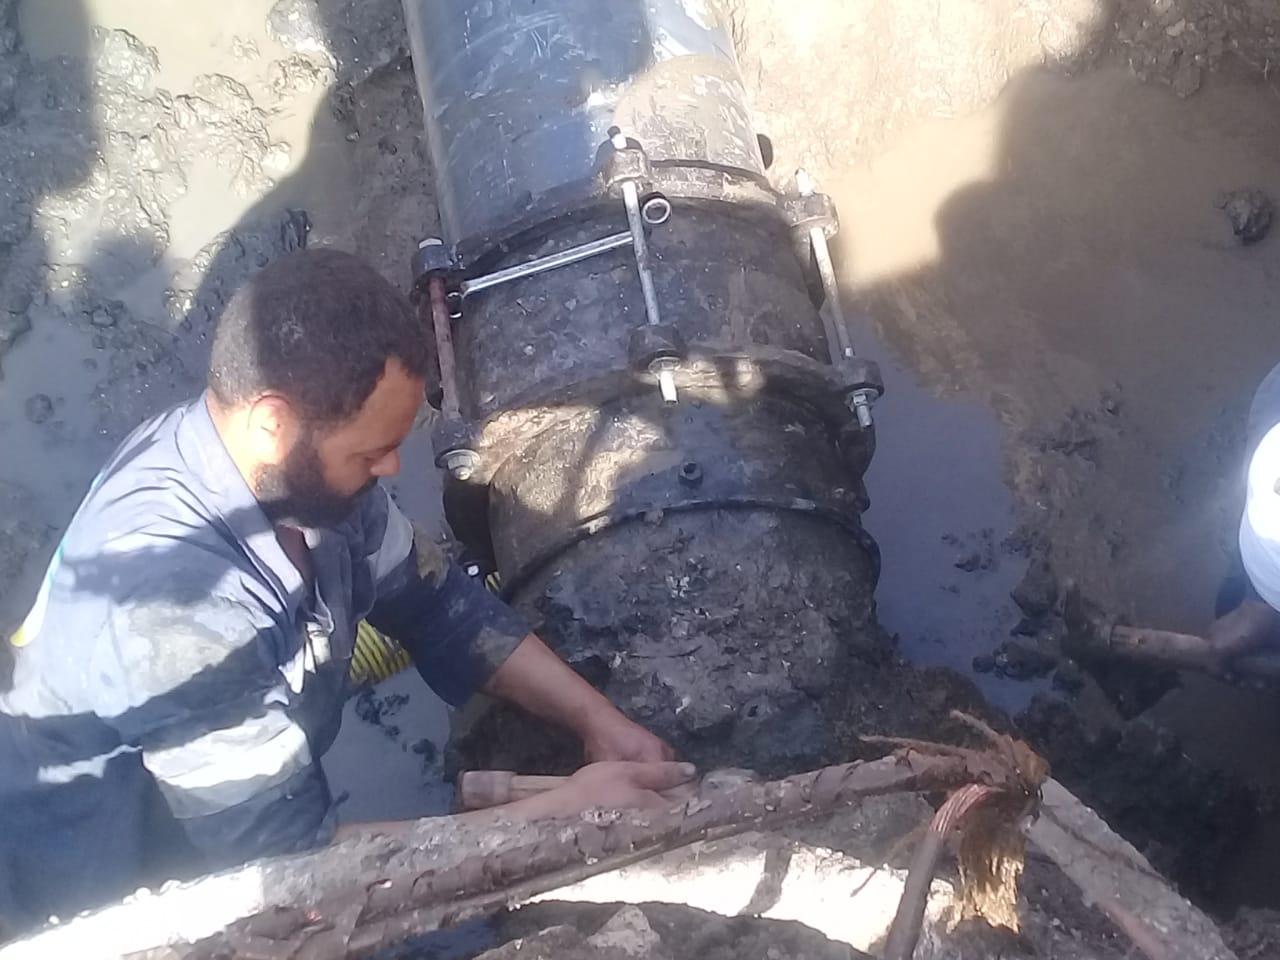 فريق صيانة لإصلاح كسر خط المياه بمنطقة الحادقة (1)